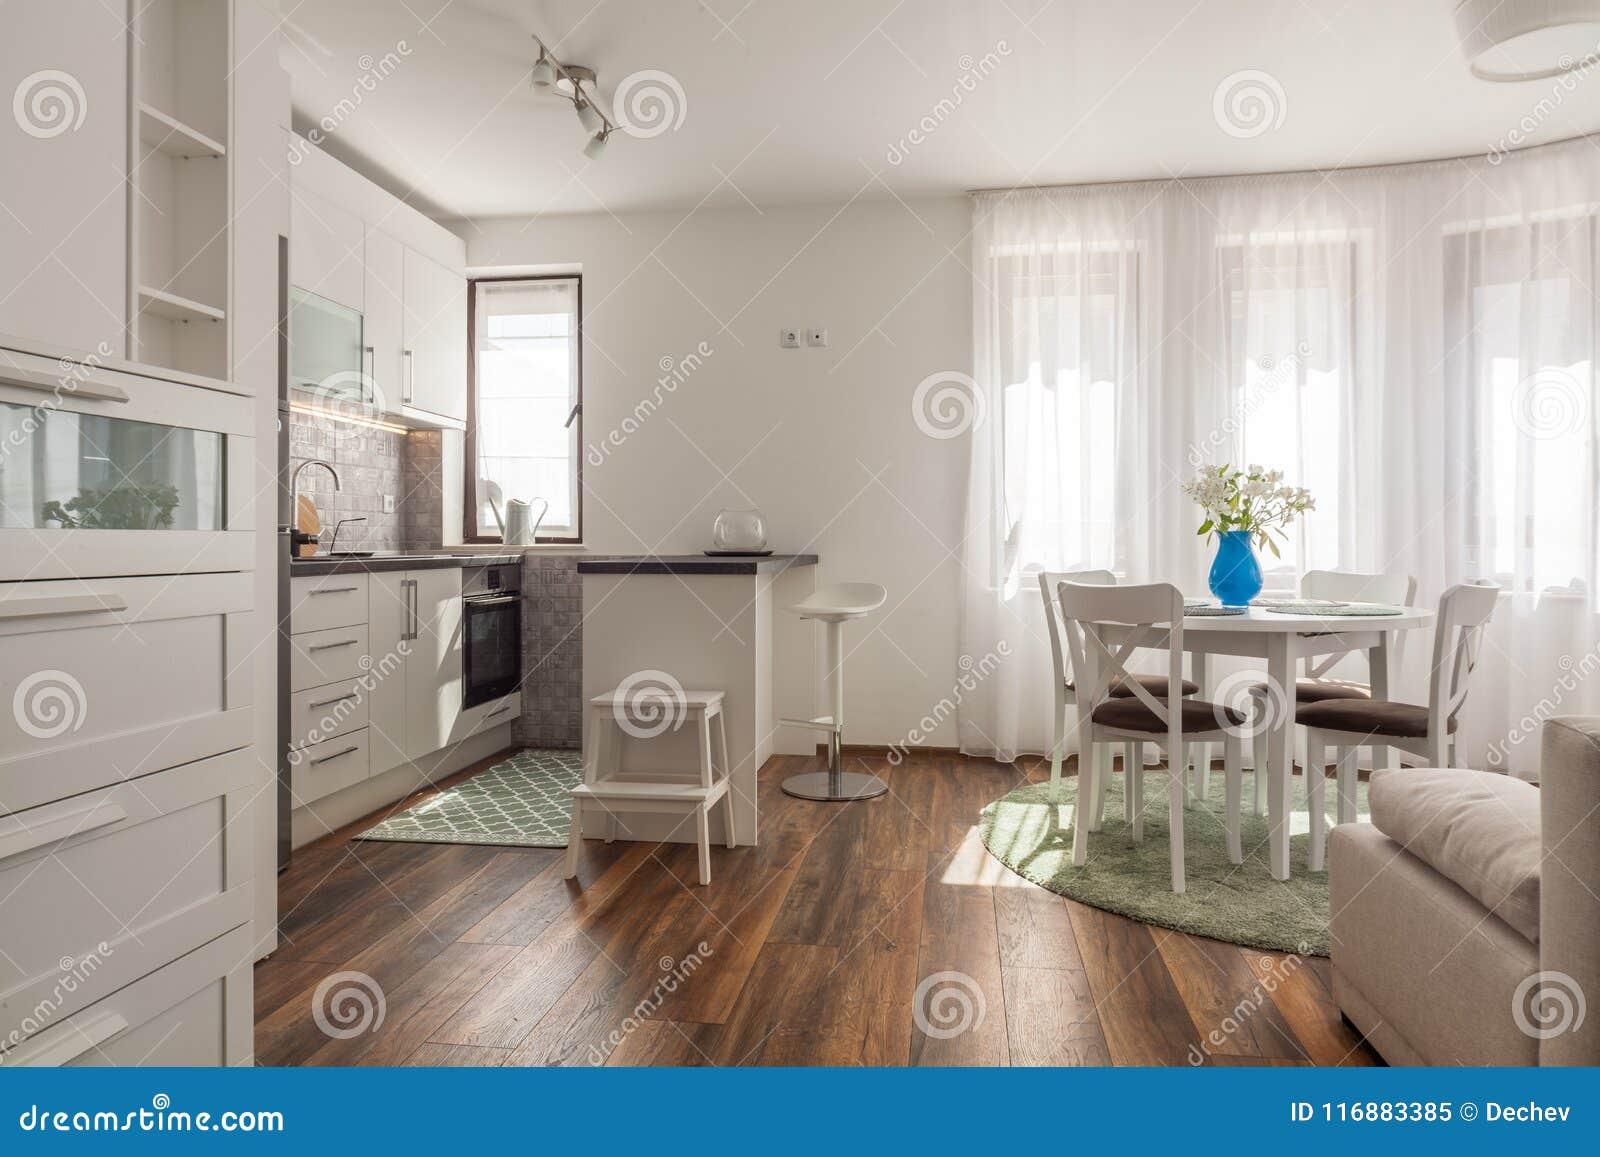 Moderne Houten Vloeren : Nieuwe moderne woonkamer met keuken nieuw huis binnenlandse